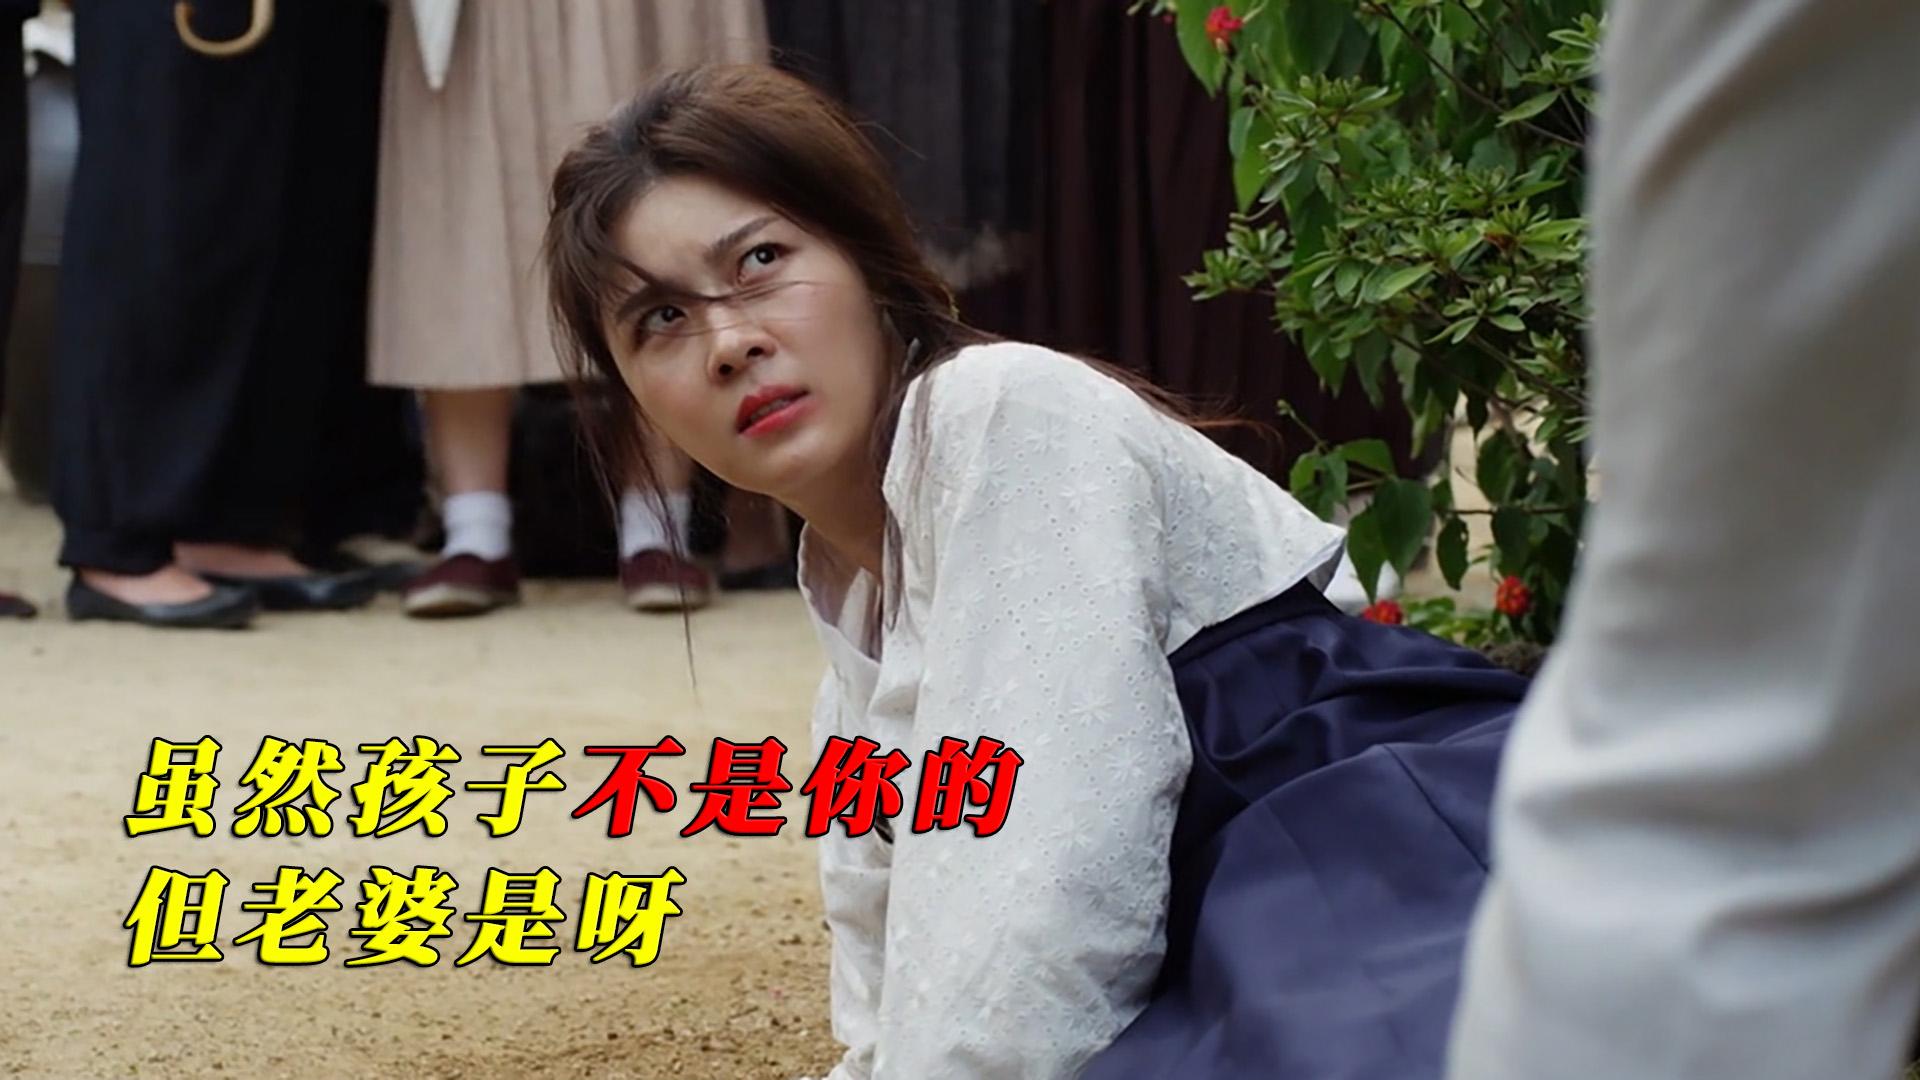 韩国又拍了一部,我们不敢拍的电影,却是中国经典小说改编!